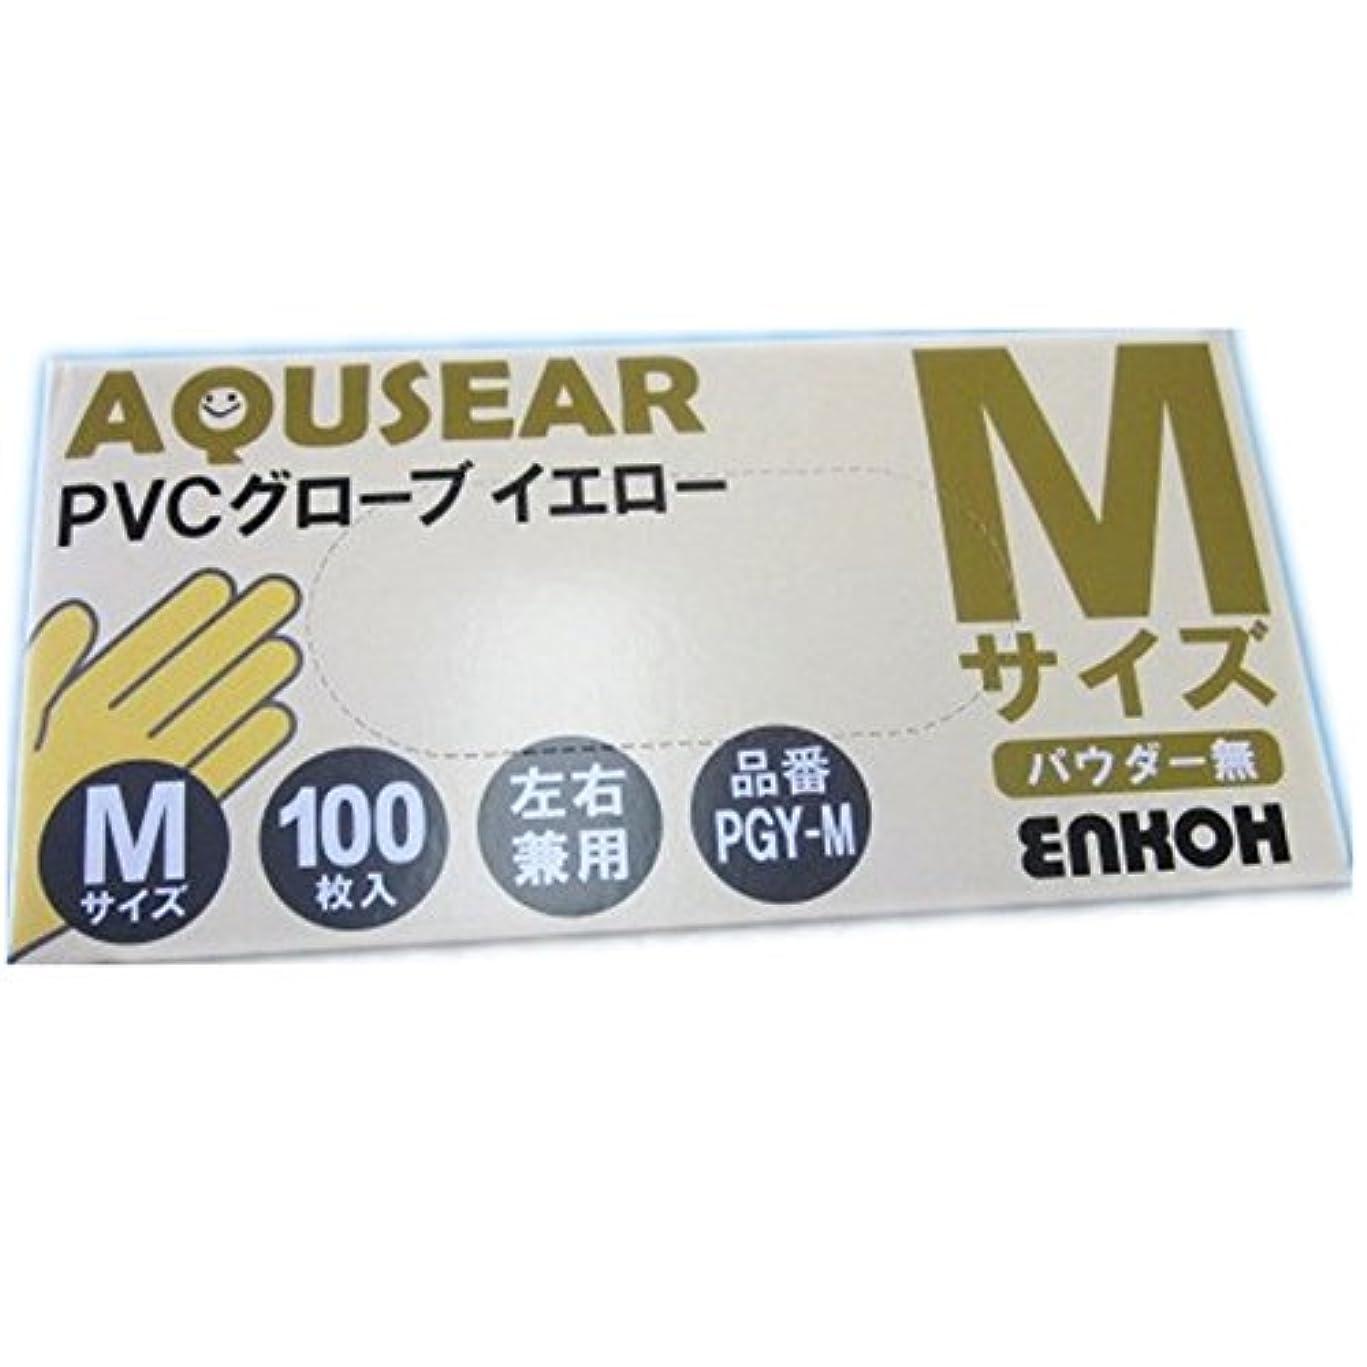 離婚傘休みAQUSEAR PVC プラスチックグローブ イエロー 弾性 Mサイズ パウダー無 PGY-M 100枚×20箱